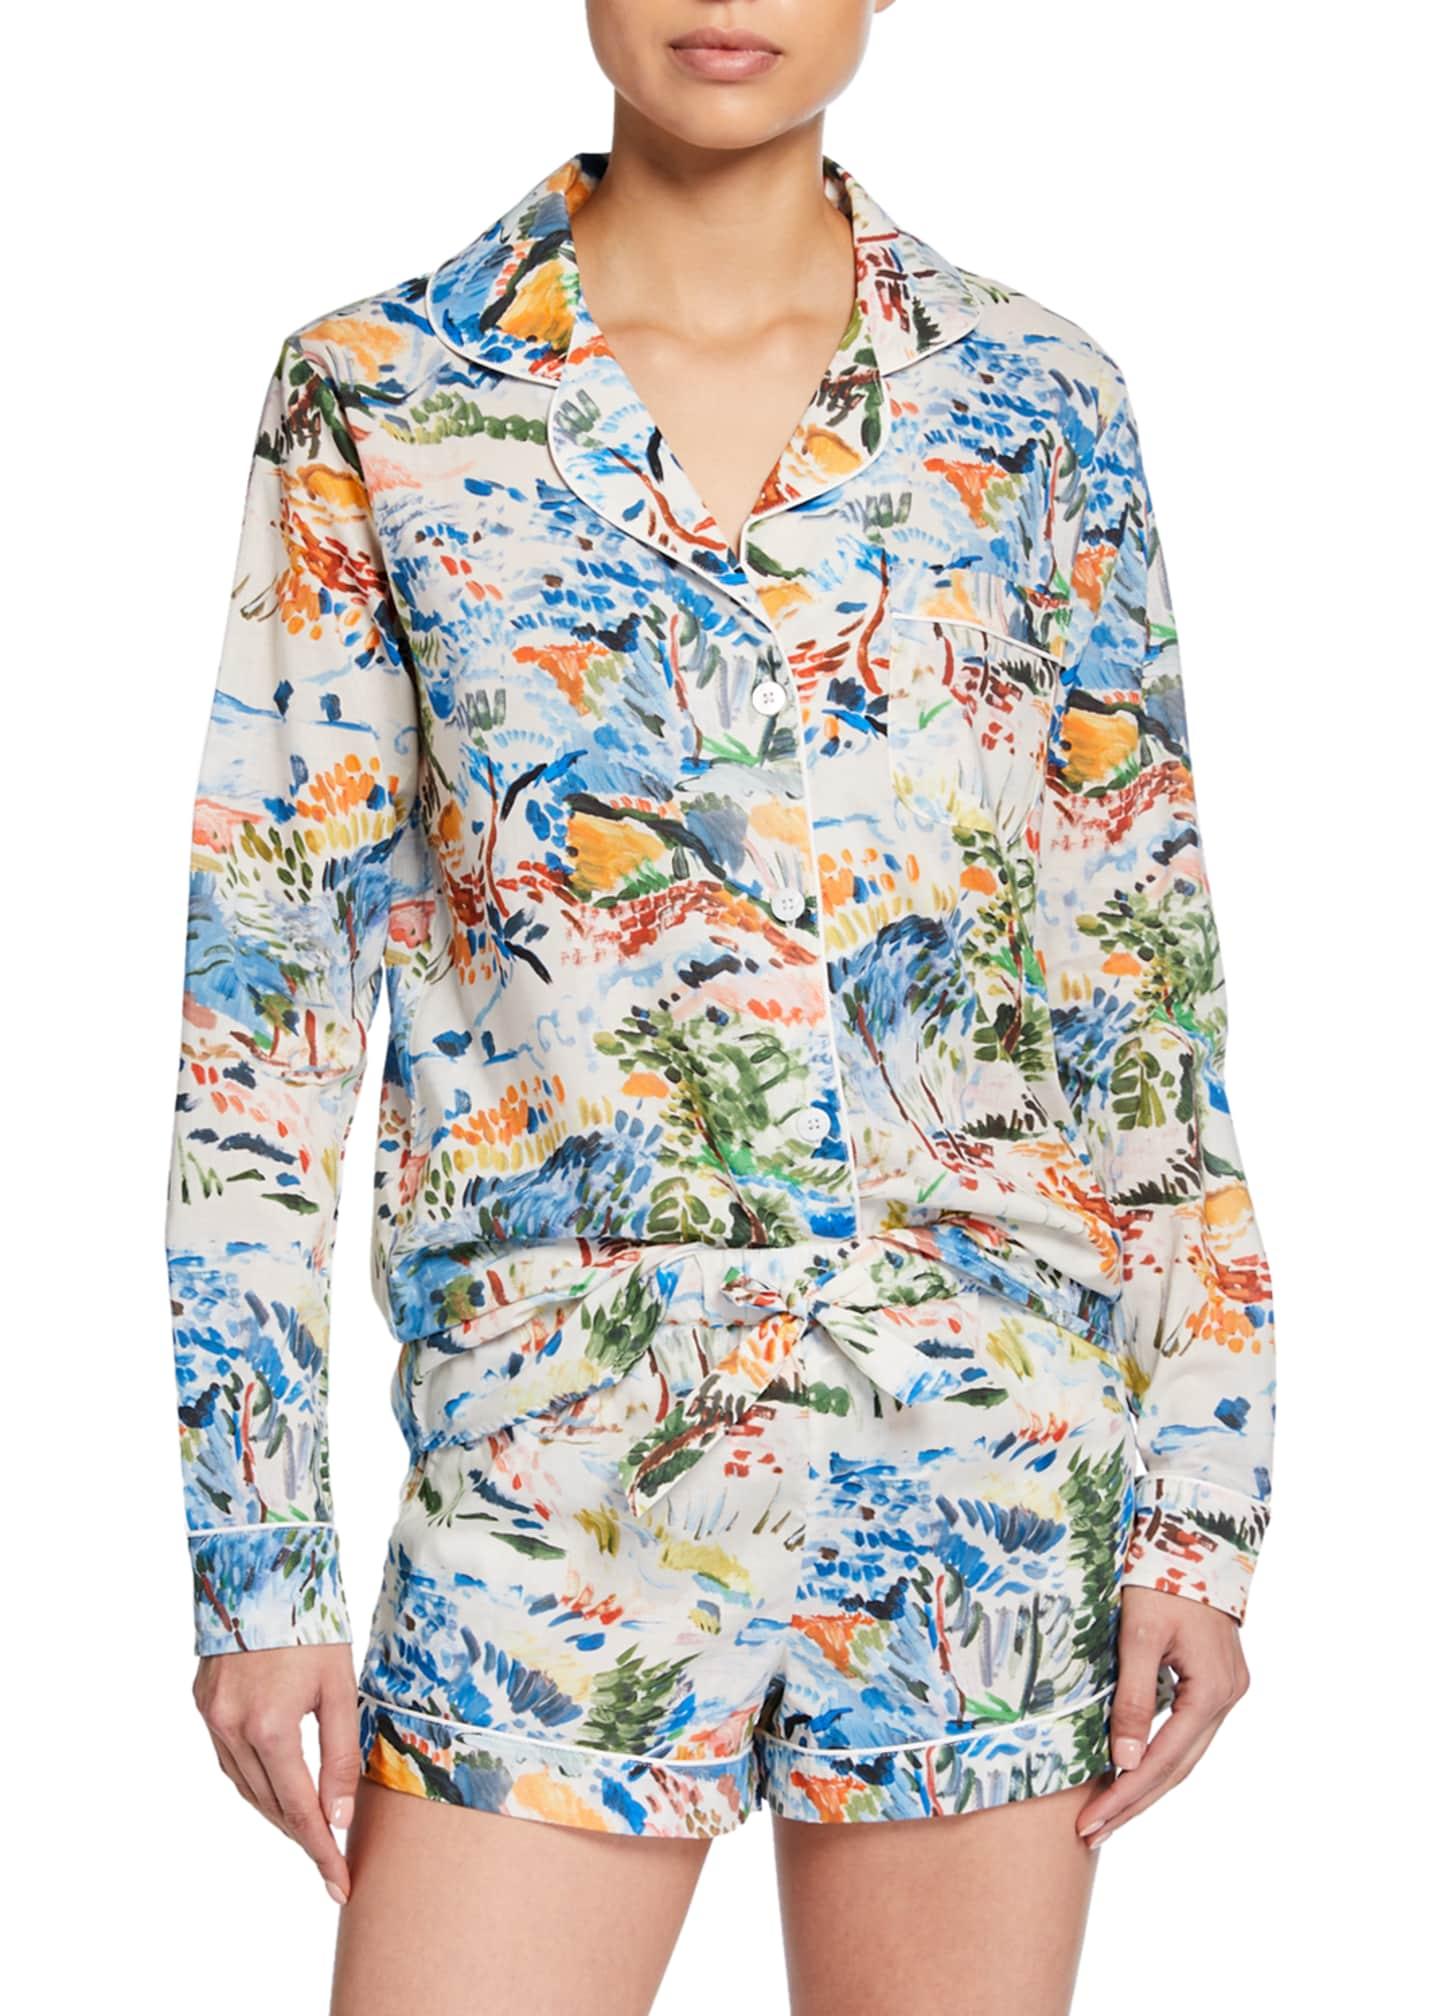 Desmond & Dempsey Watercolor Landscape Shorty Pajama Set